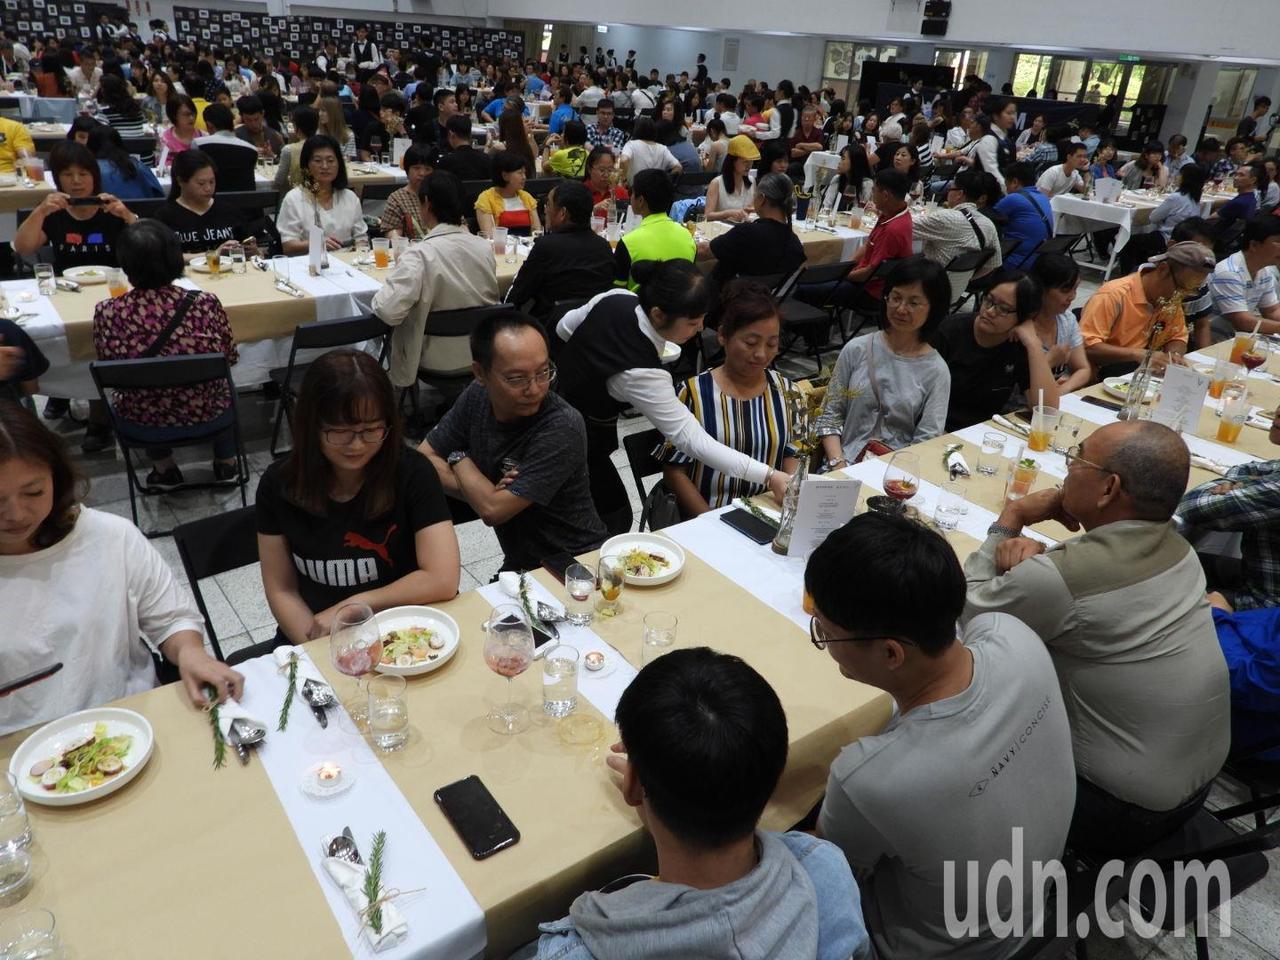 嘉南大學餐旅系今開「永續餐桌」,邀請師長與家長品嘗。記者周宗禎/攝影